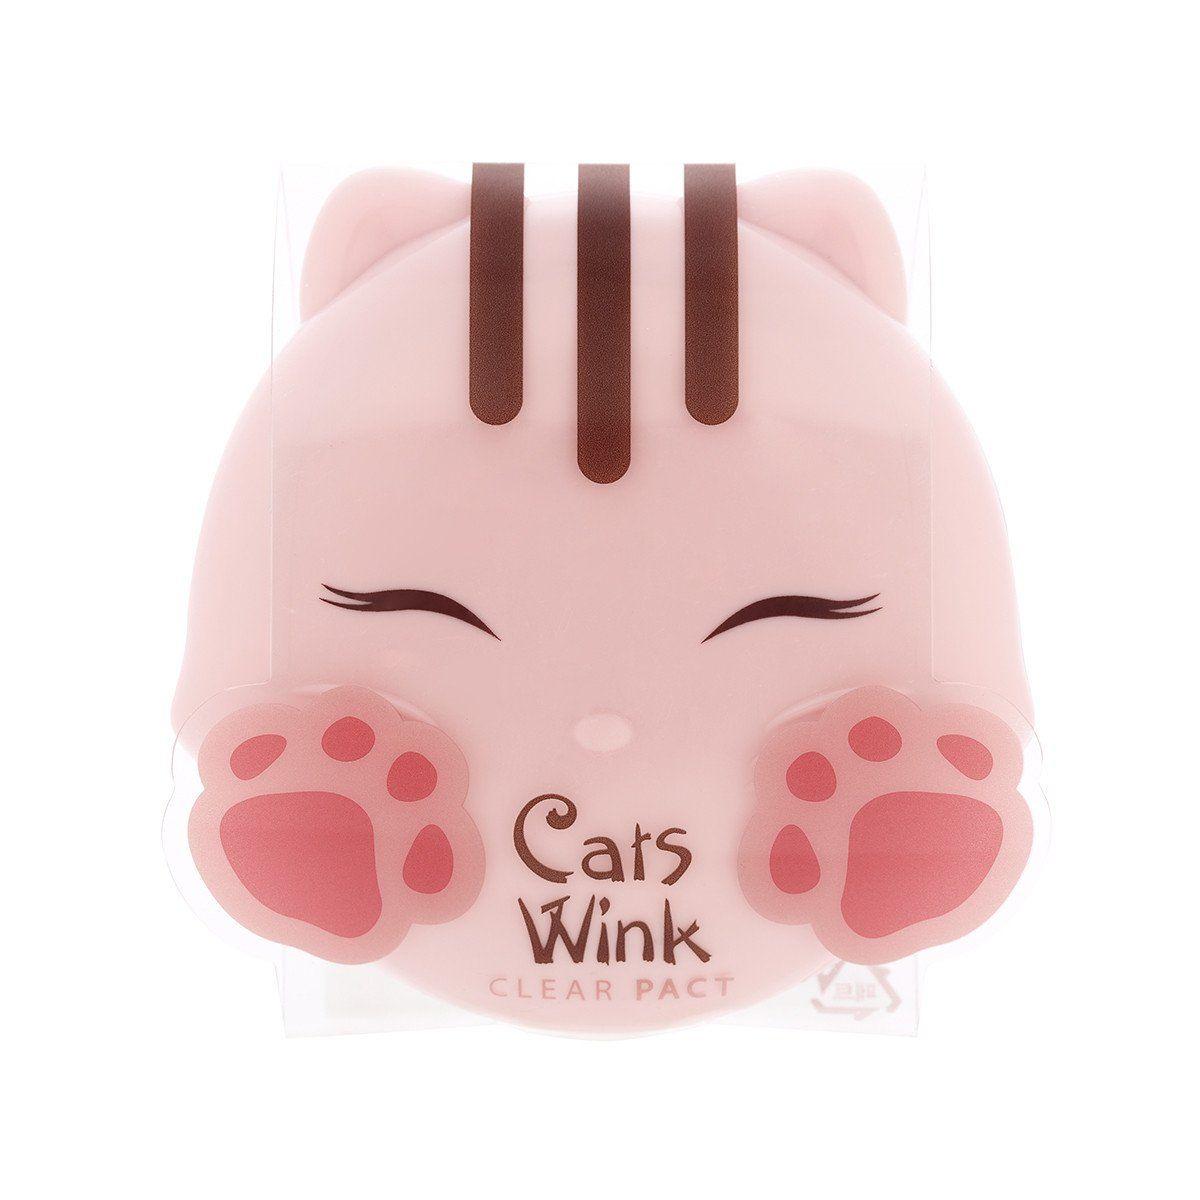 Матирующая компактная пудра Tony Moly Cats Wink Clear Pact - 11 гр